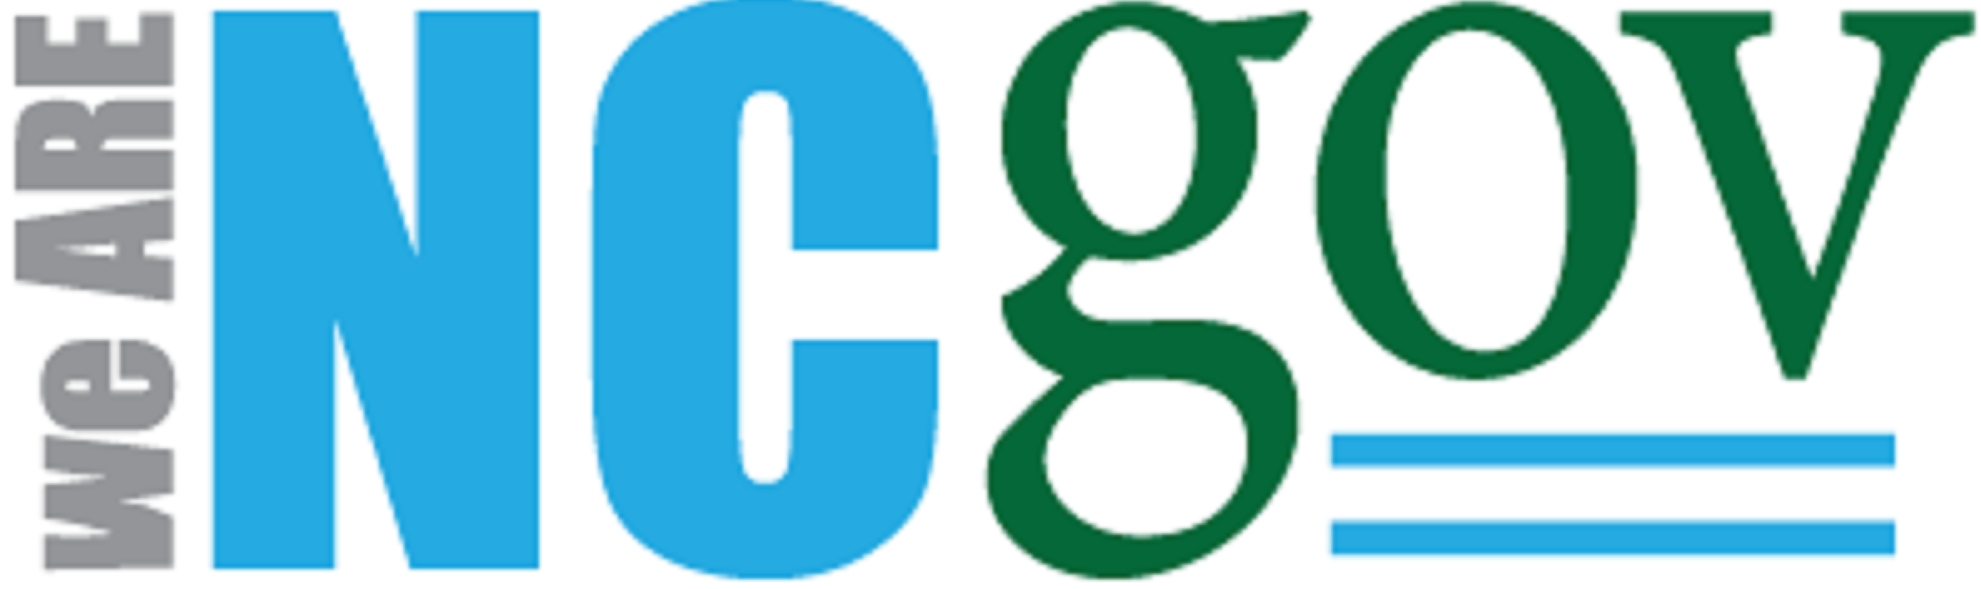 We Are NC Gov Logo